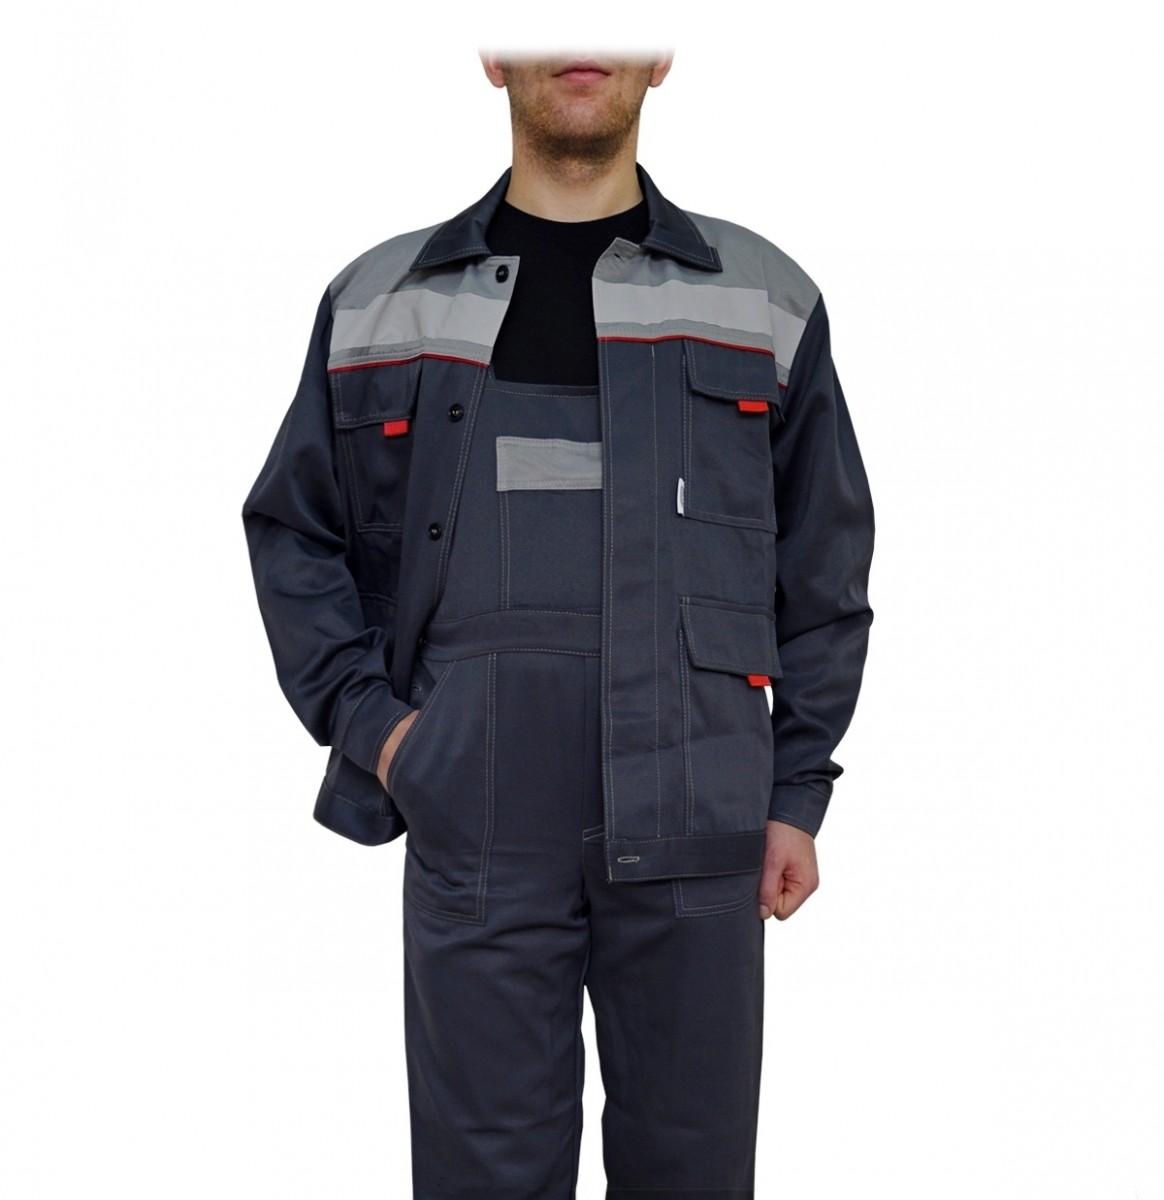 f08d5672 Купить рабочие костюмы, летняя спецодежда рабочие костюмы в СПБ и ...